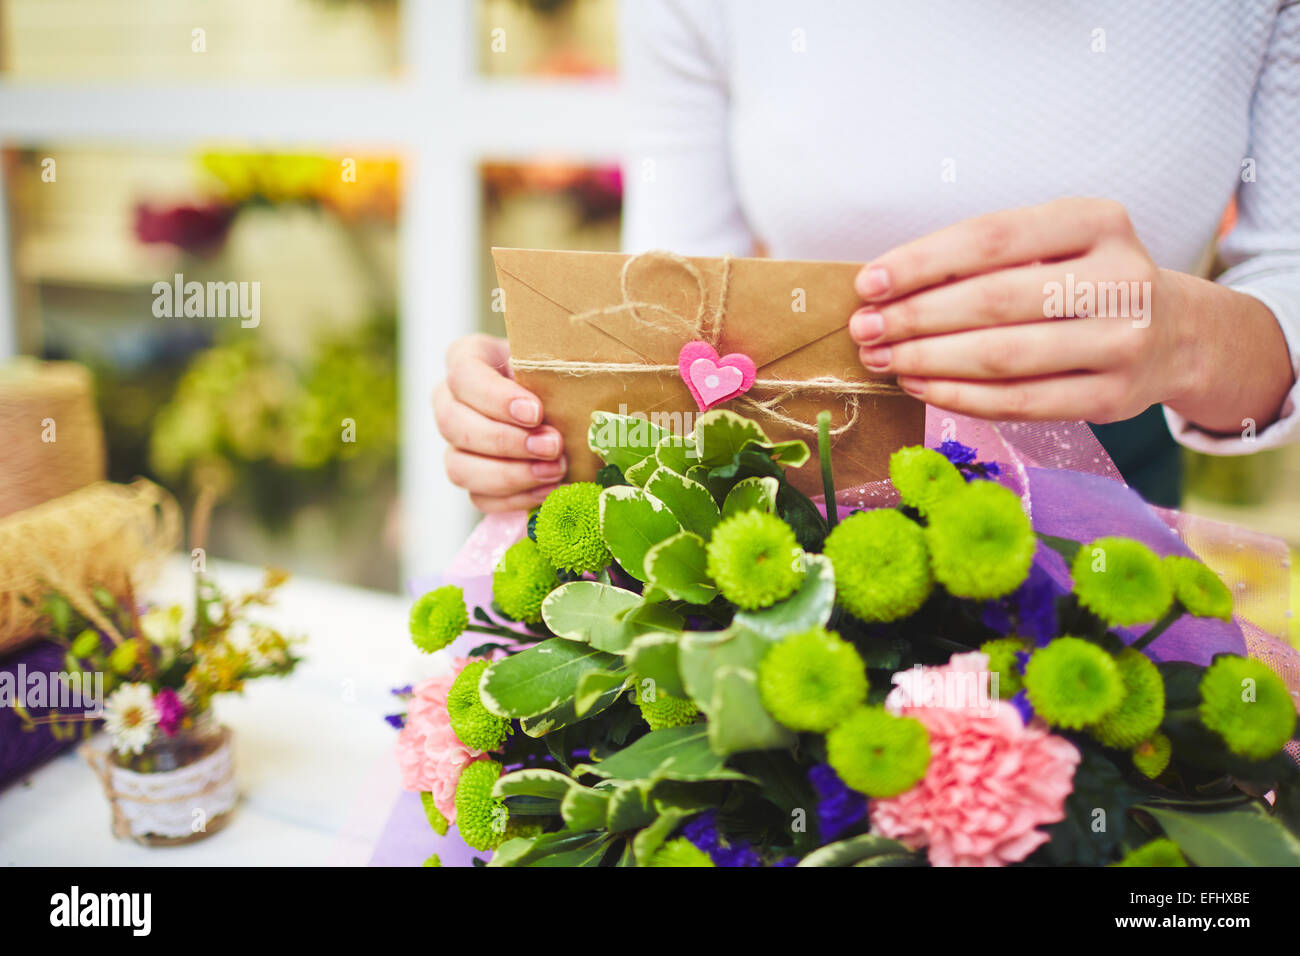 Weibliche Hände mit Liebesbotschaft ins Blumenstrauß Stockbild